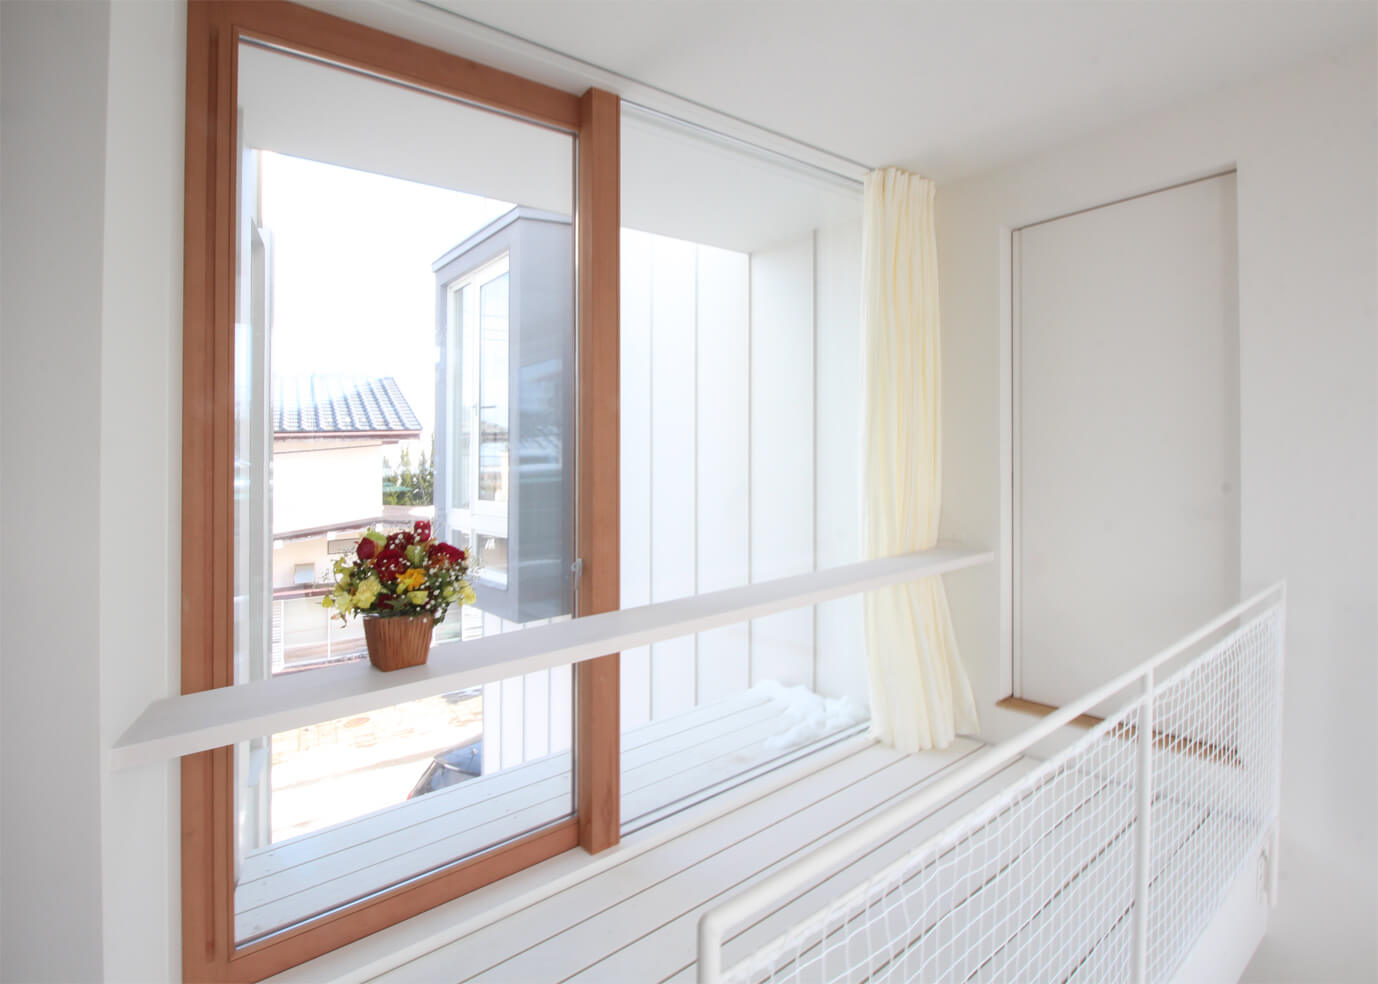 日が差し込む窓とリネンカーテン